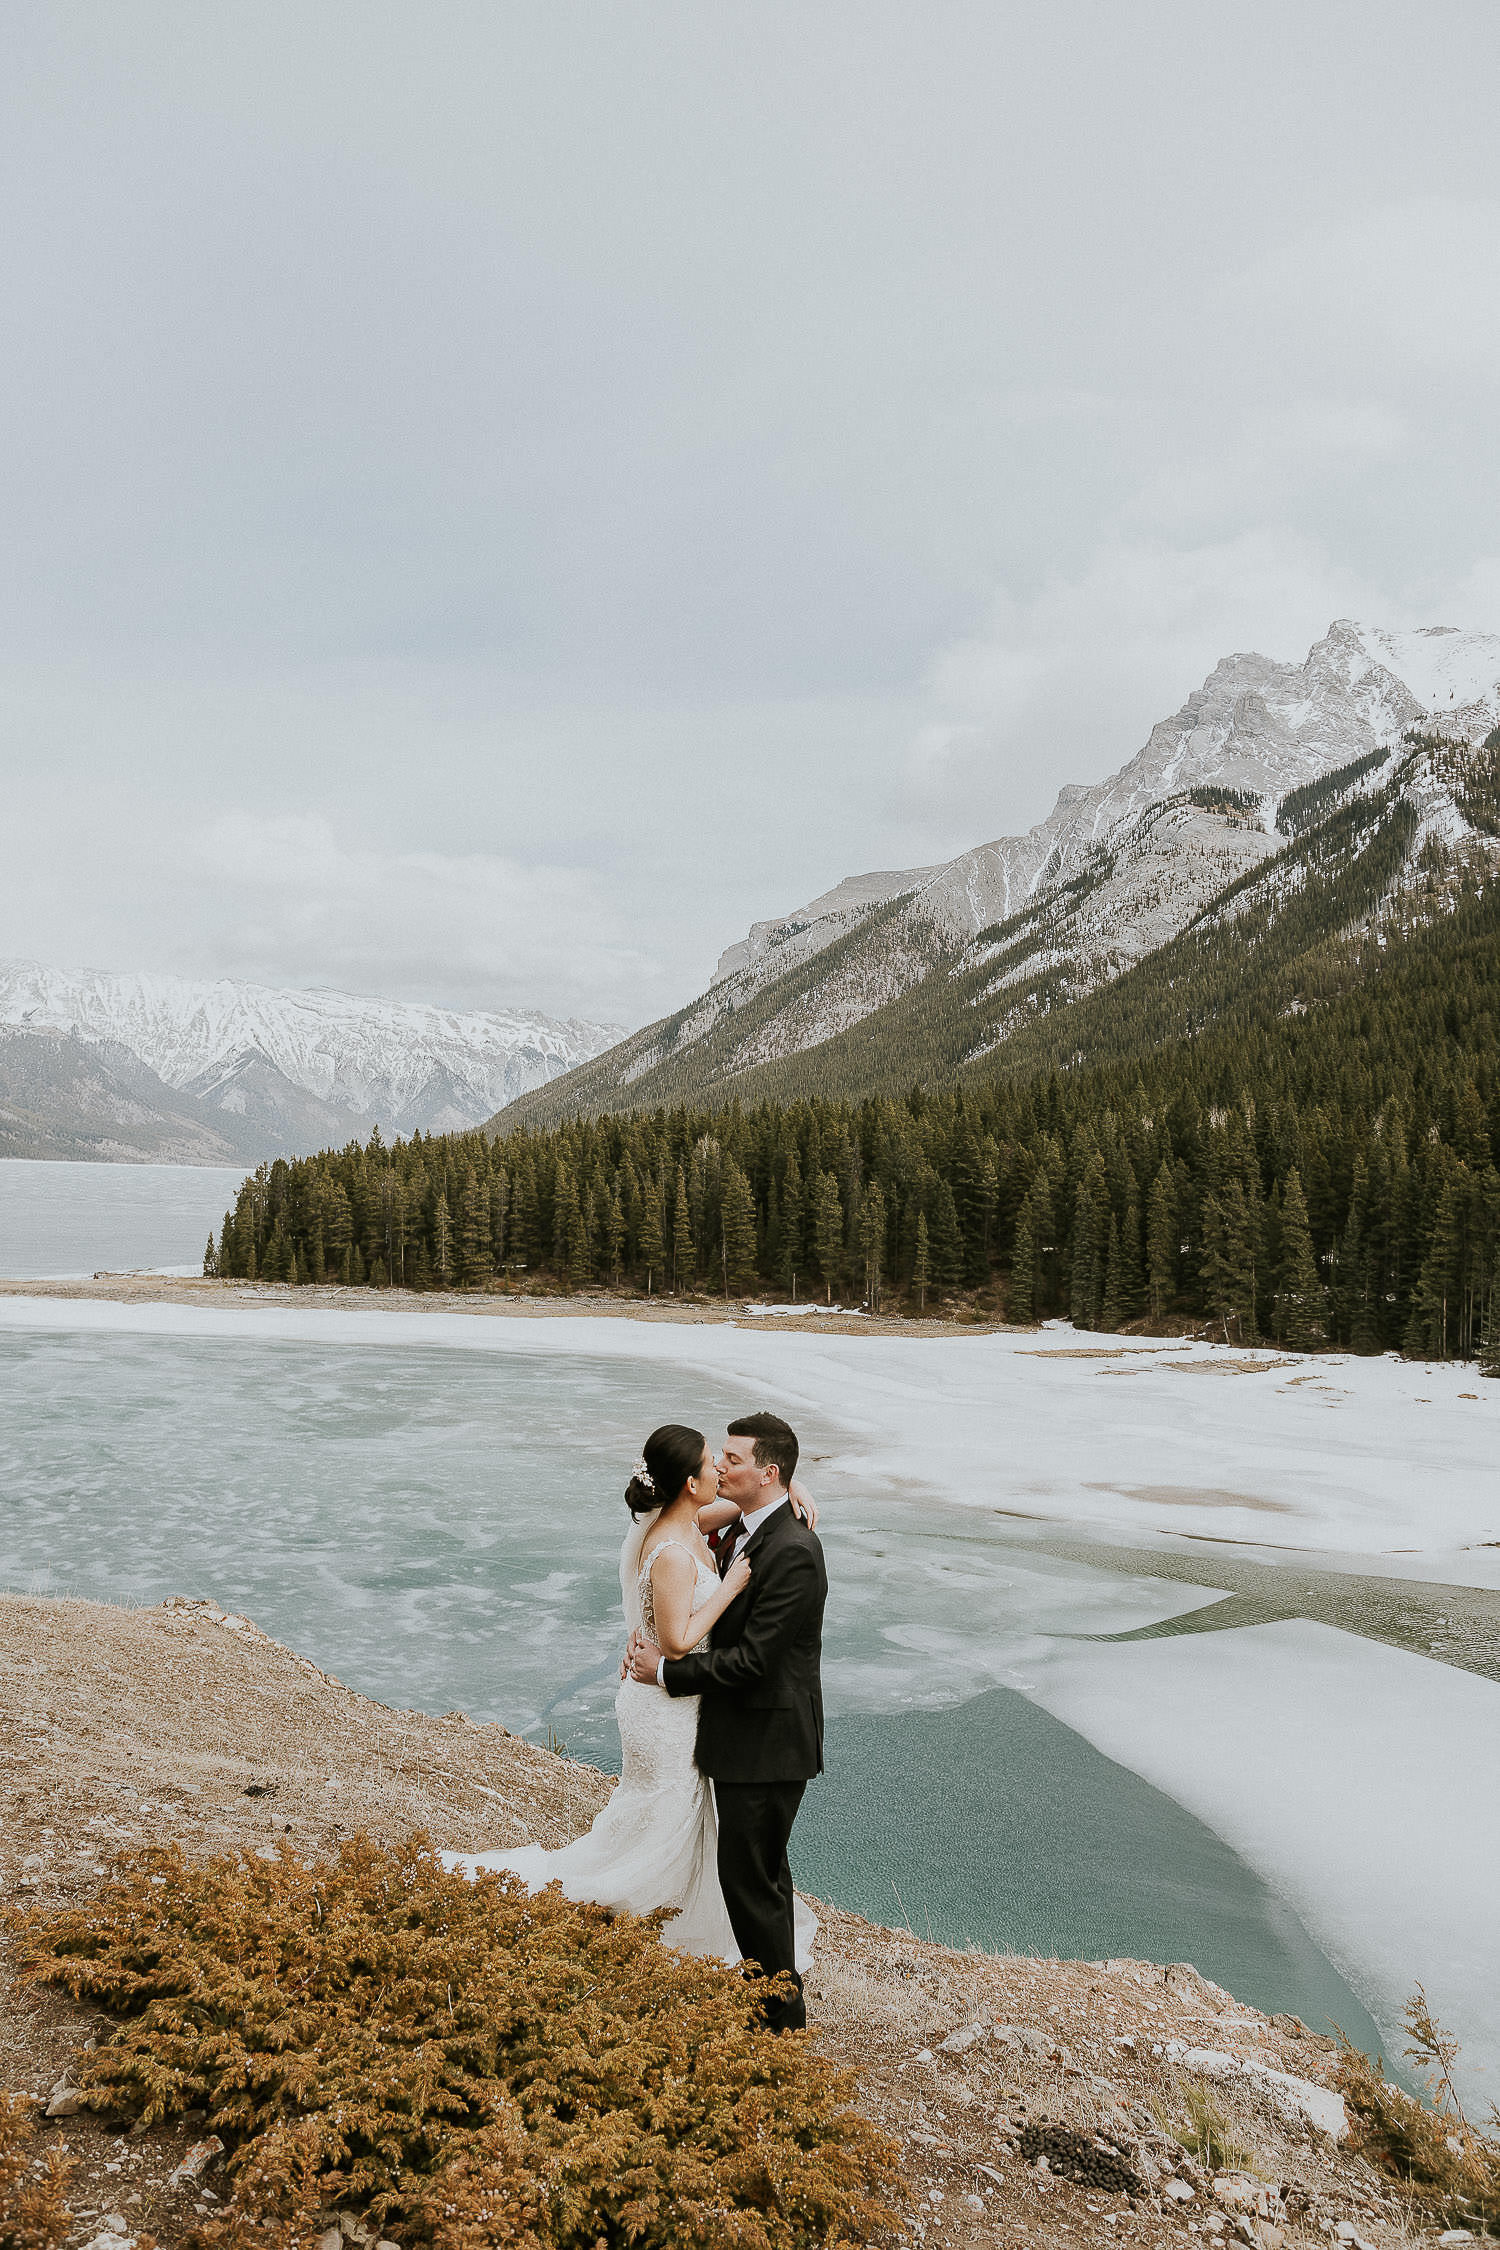 intimate-wedding-at-banff-springs-hotel-sarah-pukin-0146